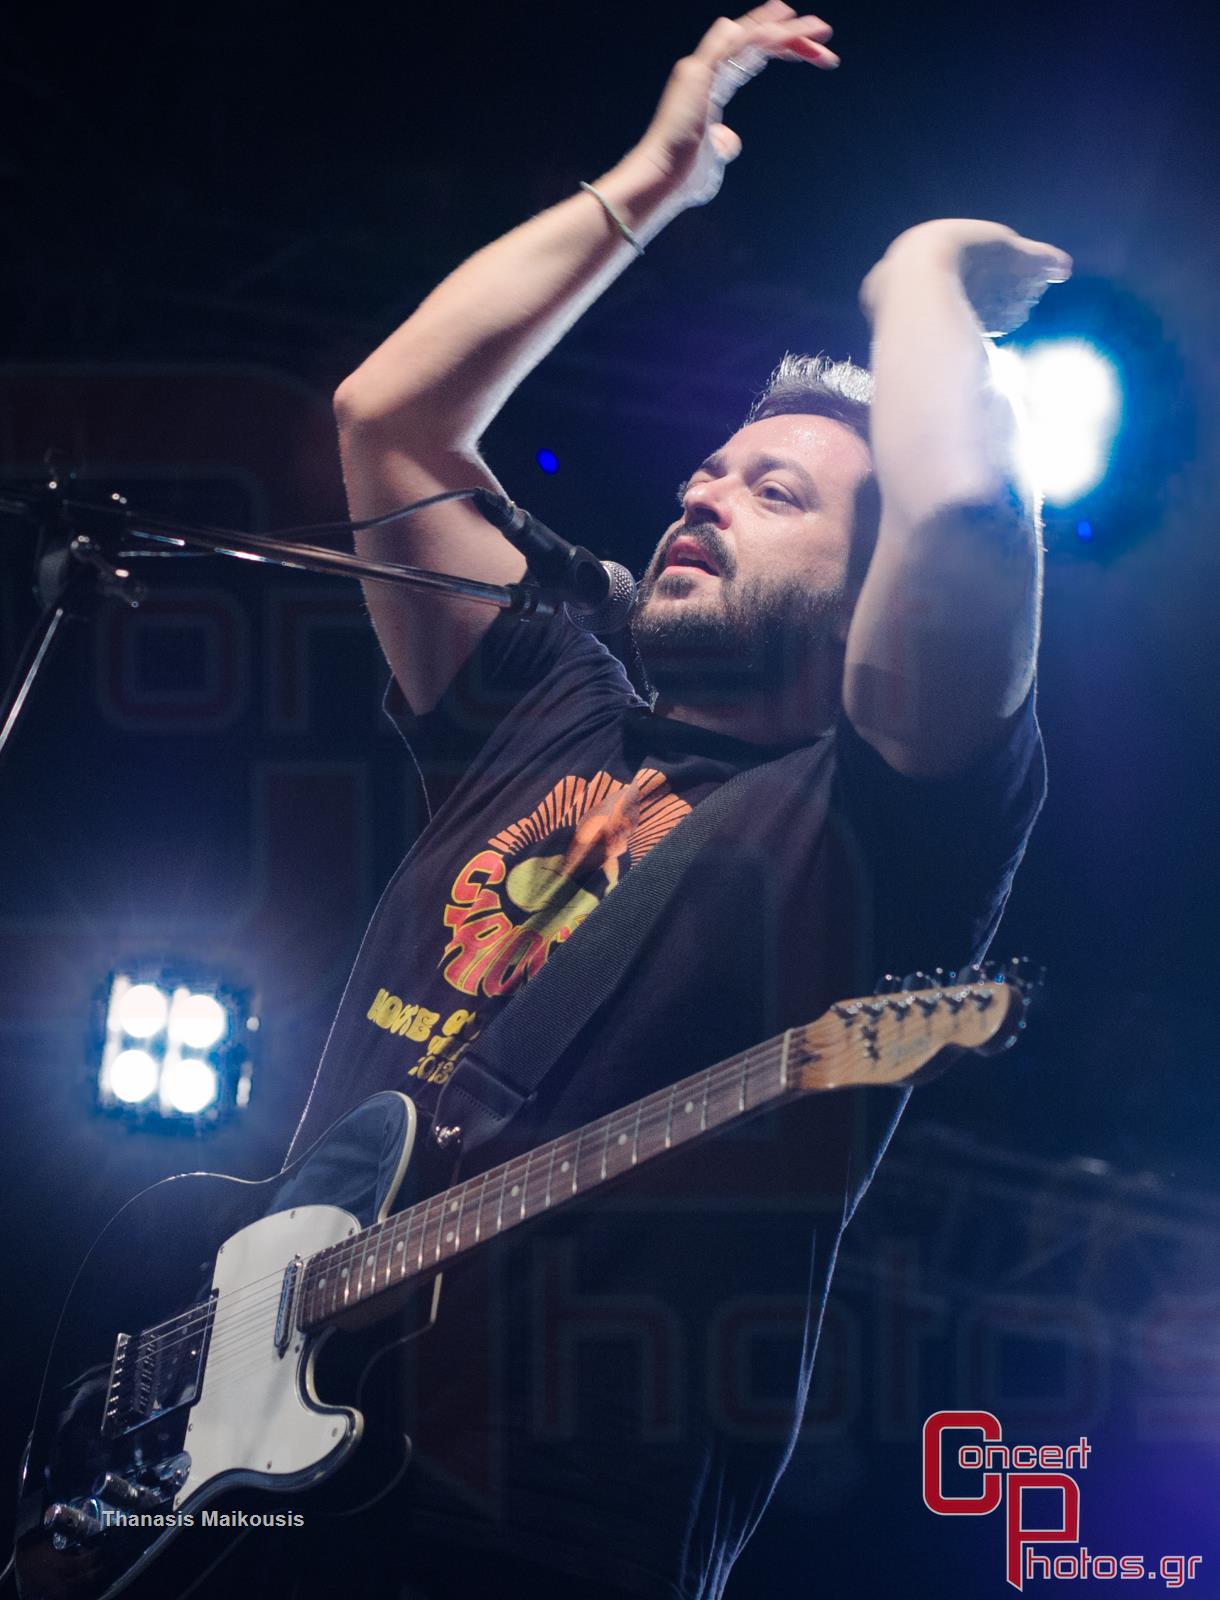 Locomondo-Locomondo 2013 Bolivar photographer: Thanasis Maikousis - concertphotos_-6284